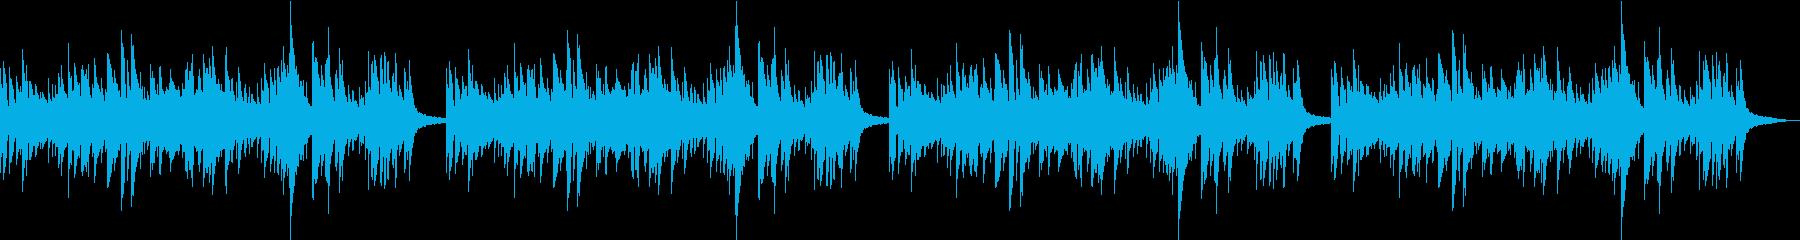 ほのぼの生音ギターだけのアンサンブル#2の再生済みの波形